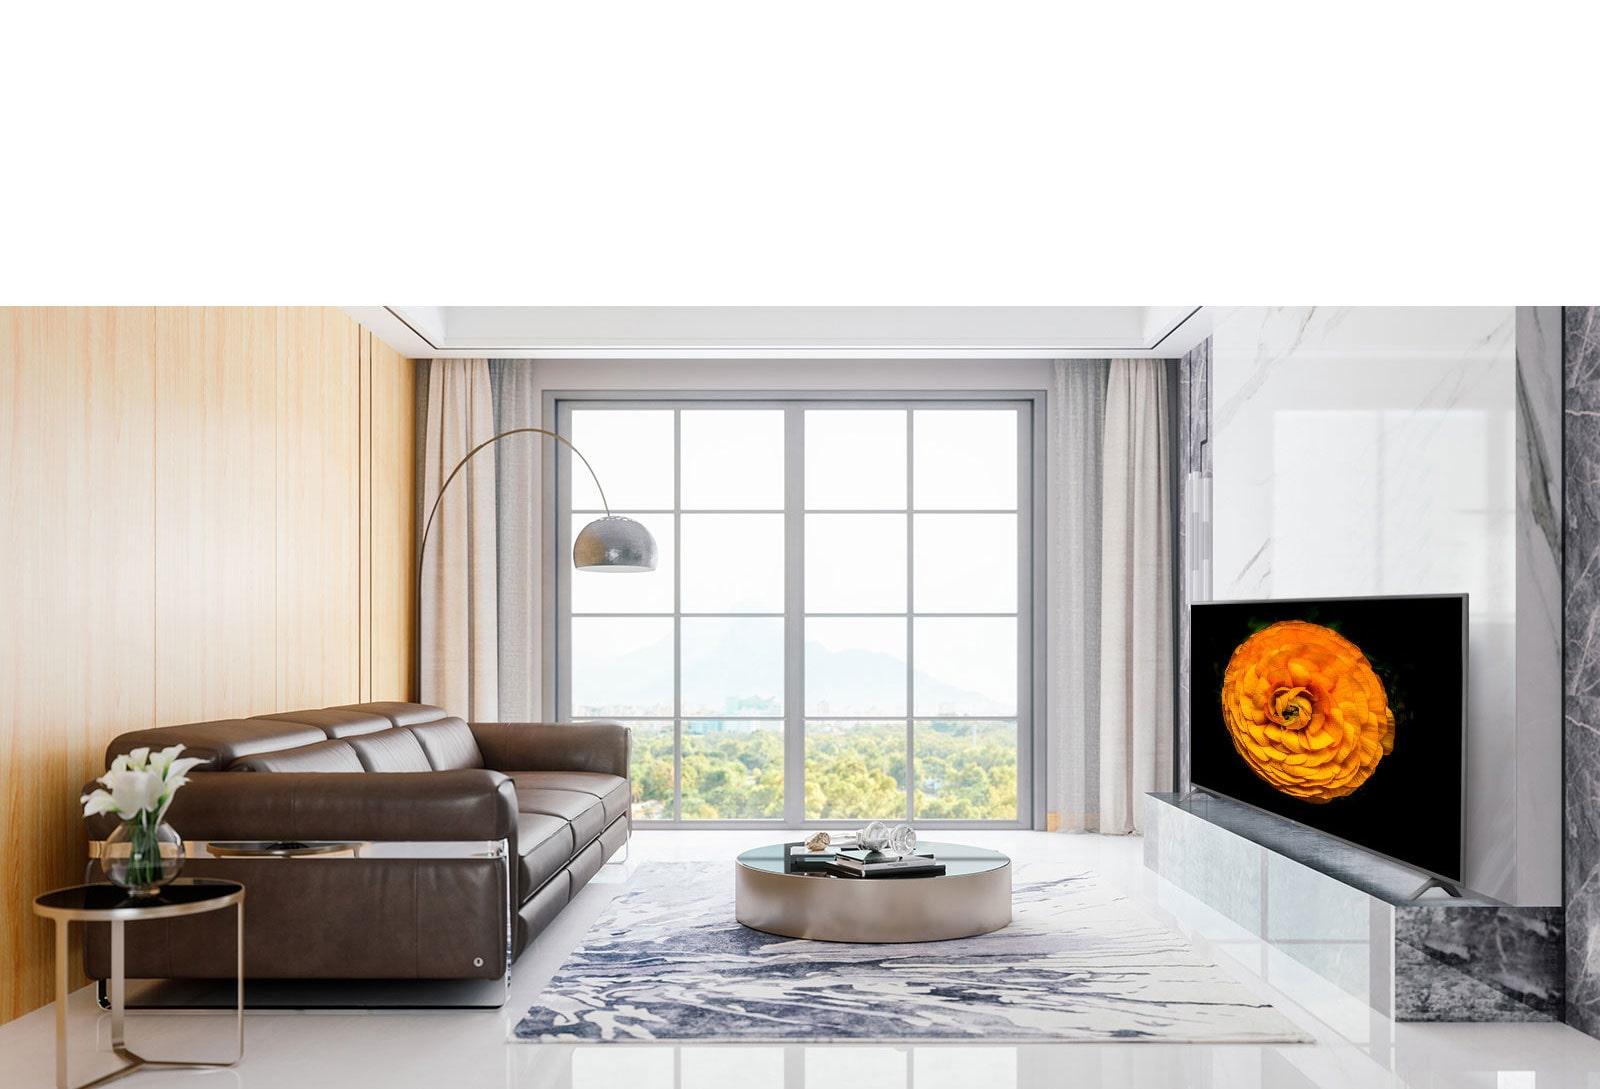 Un téléviseur UHD de LG fixé au mur dans un salon au décor minimaliste. L'image d'une fleur est affichée sur l'écran du téléviseur.